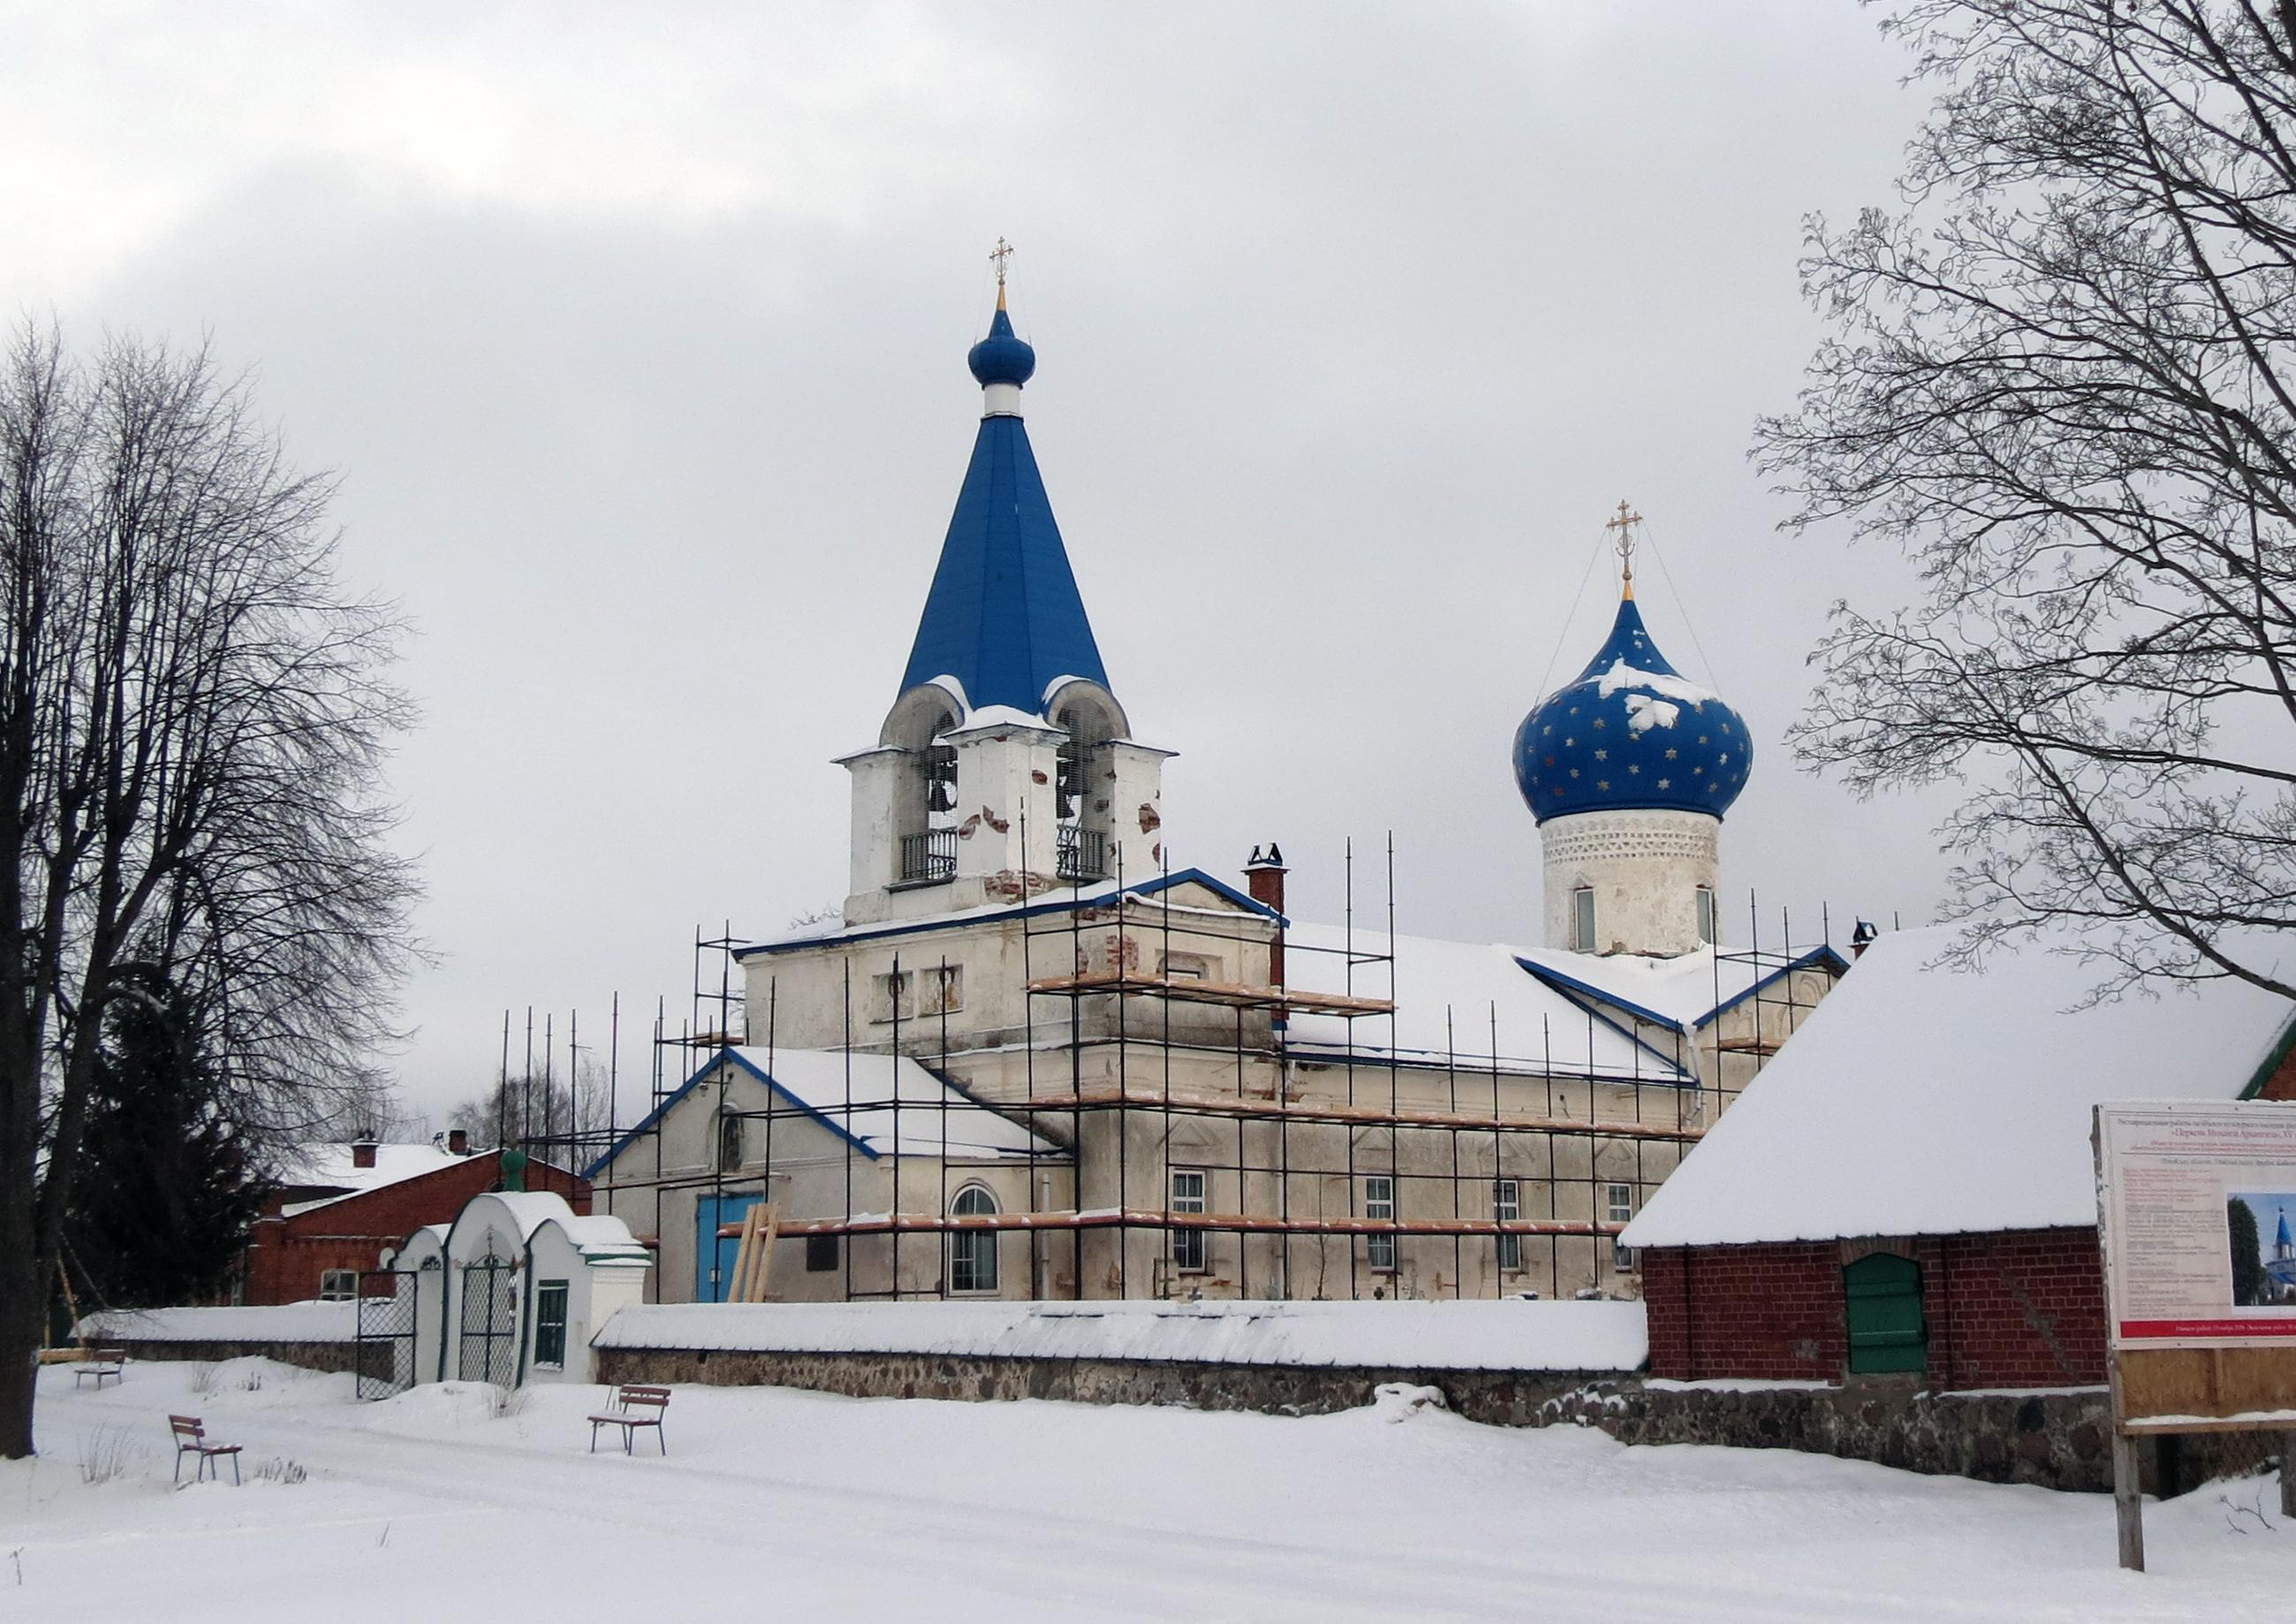 Церковь Михаила Архангела в Кобыльем Городище, как всегда, в строительных лесах. Фото автора.